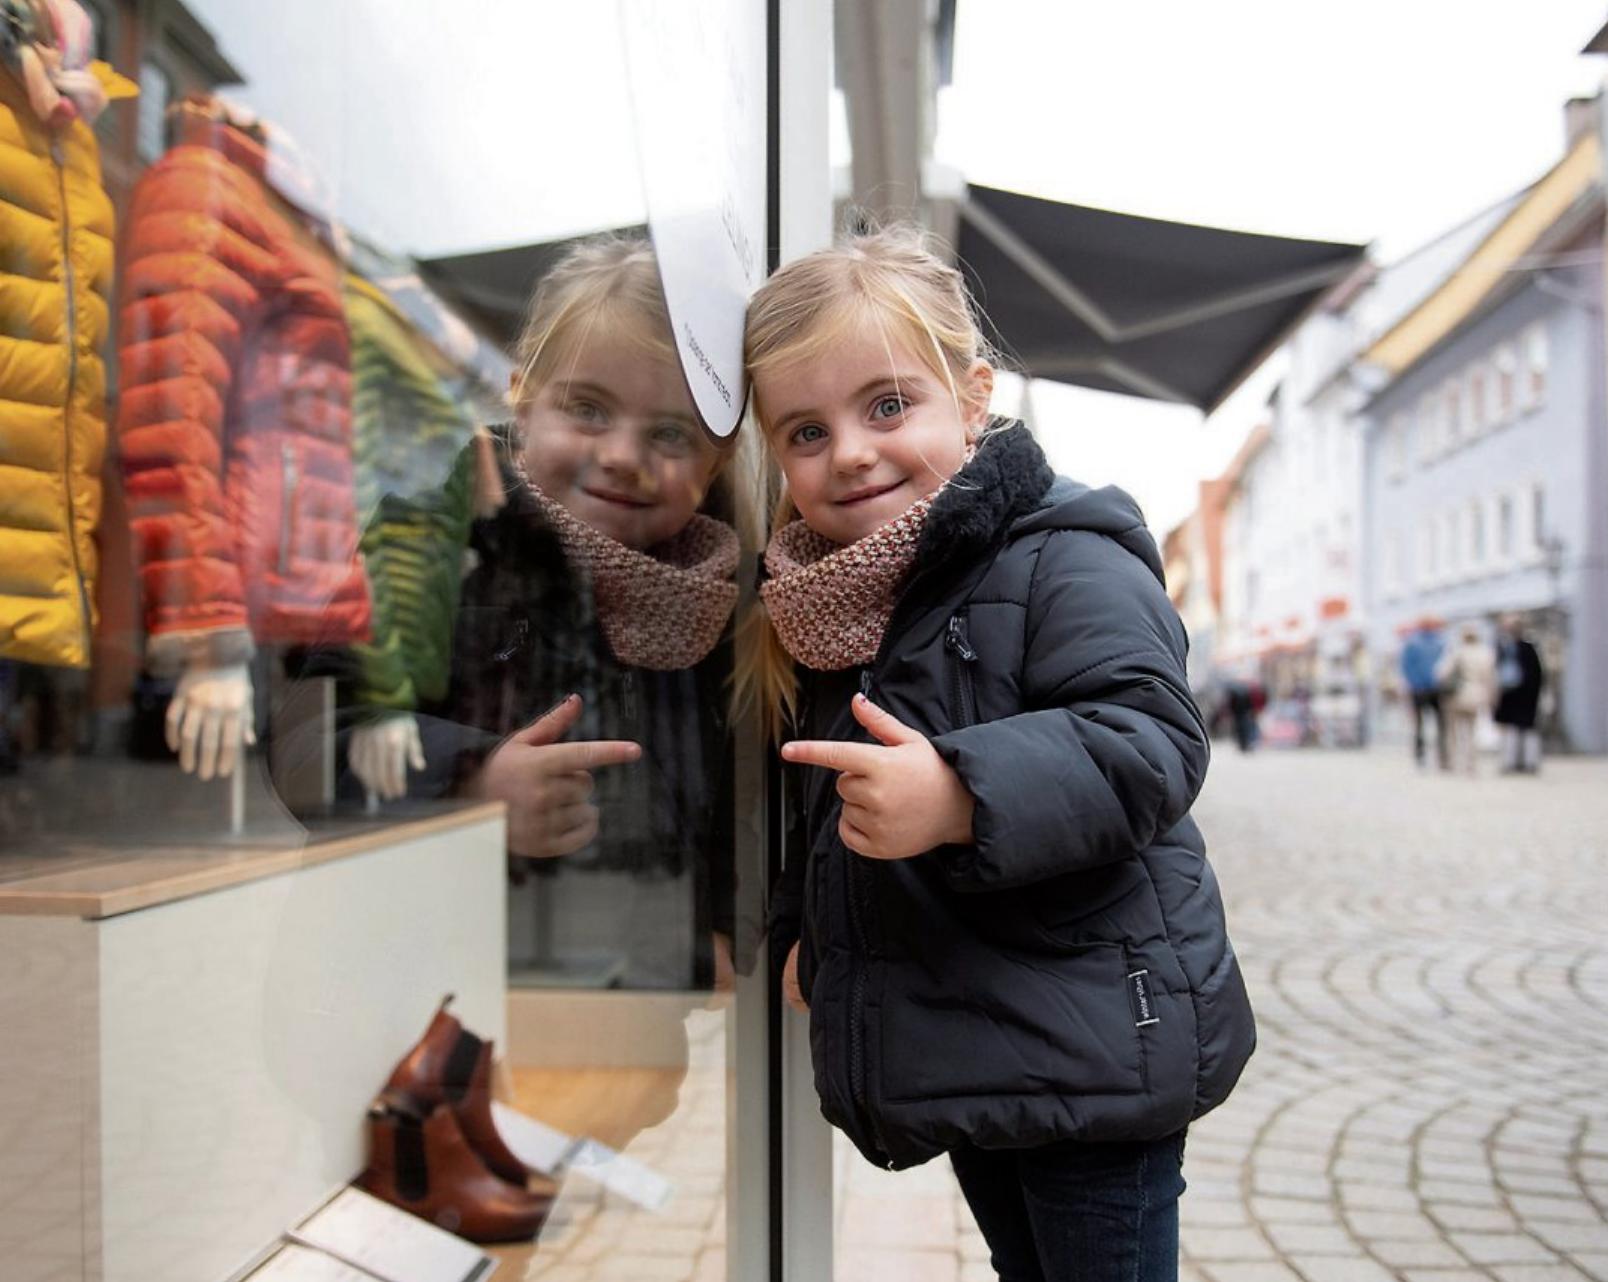 Entspannt shoppen und die neue Herbstmode bewundern: auch das ist am verkaufsoffenen Sonntag, 3. Oktober, in Rottenburg möglich. Bild: WTG/Michael Mesick